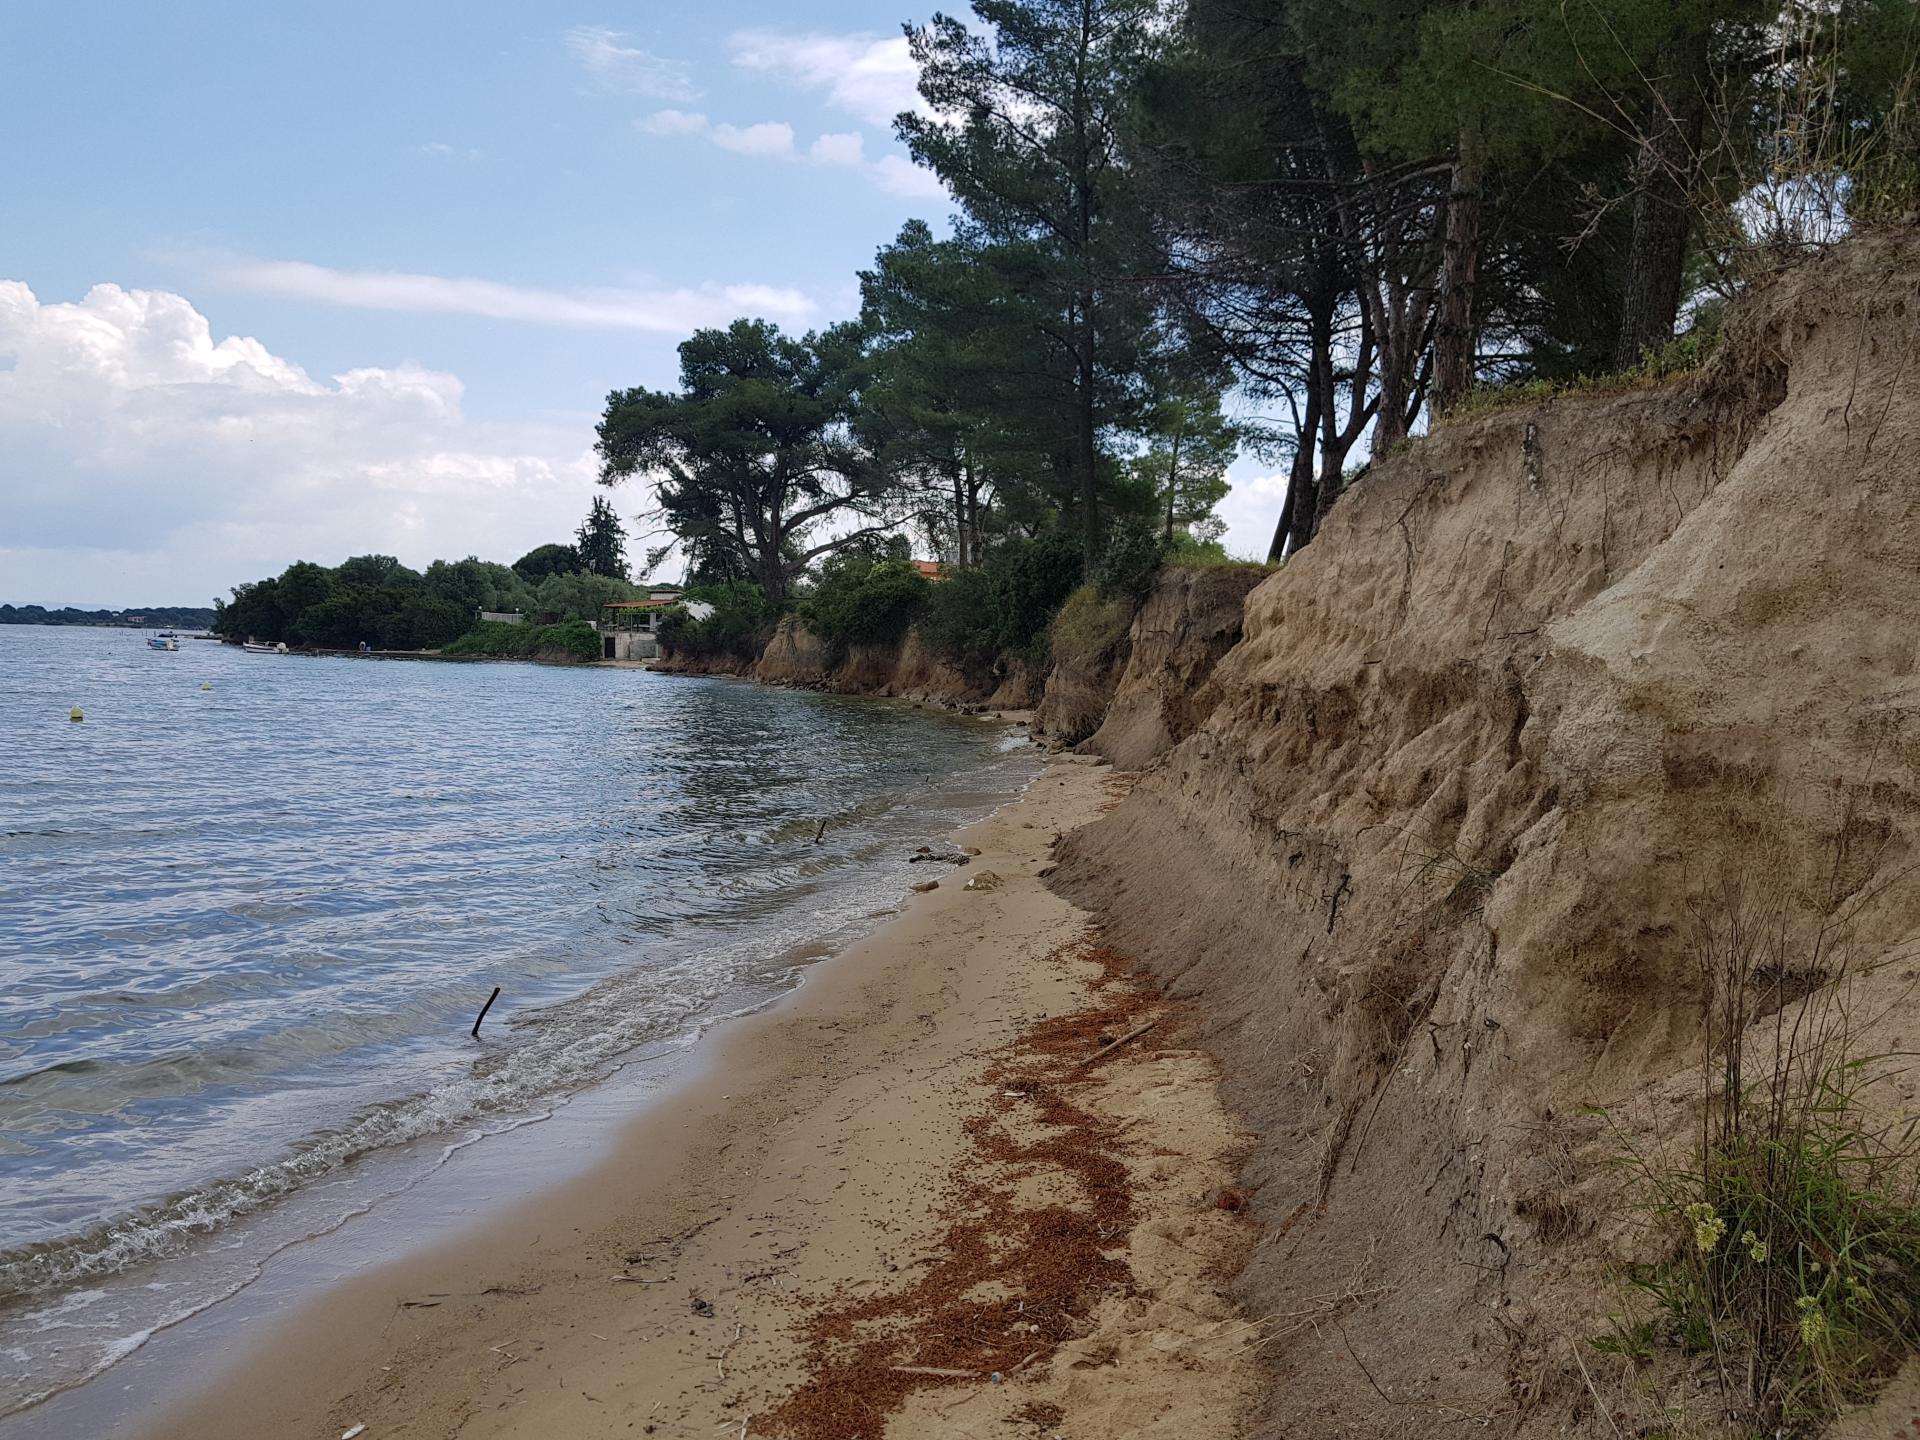 крутой берег моря в Вурвуру